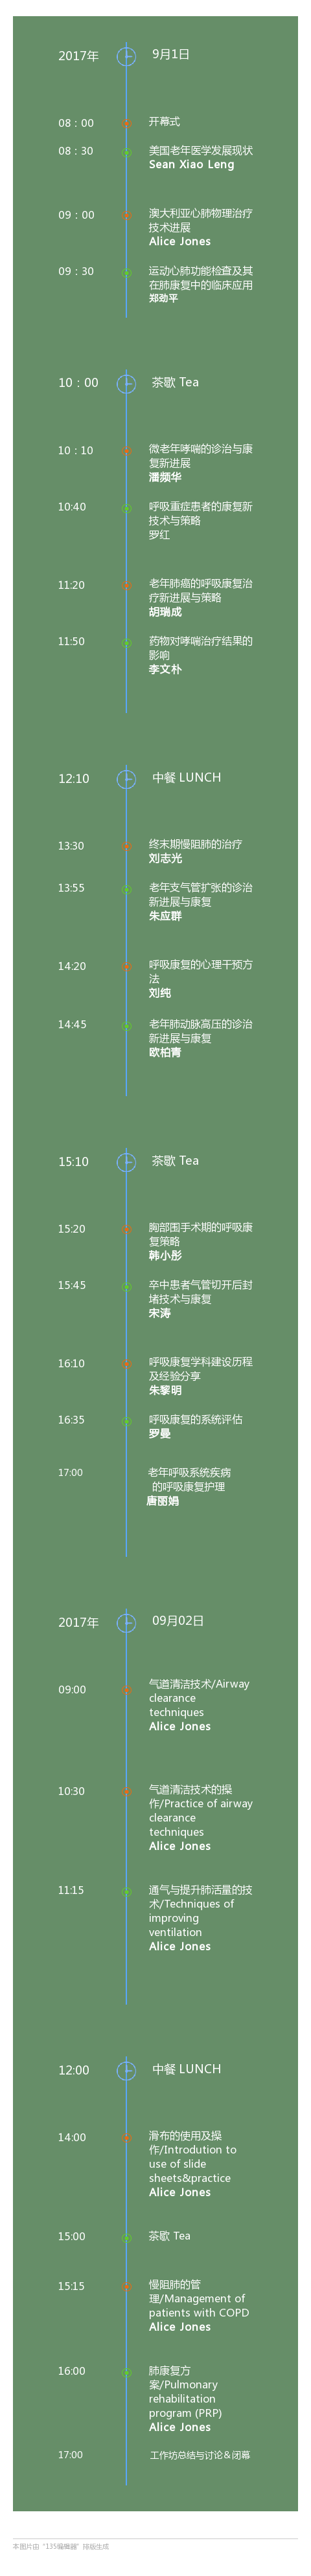 (2017)湖南省呼吸康复专委会-第二届二次会议-专题页面